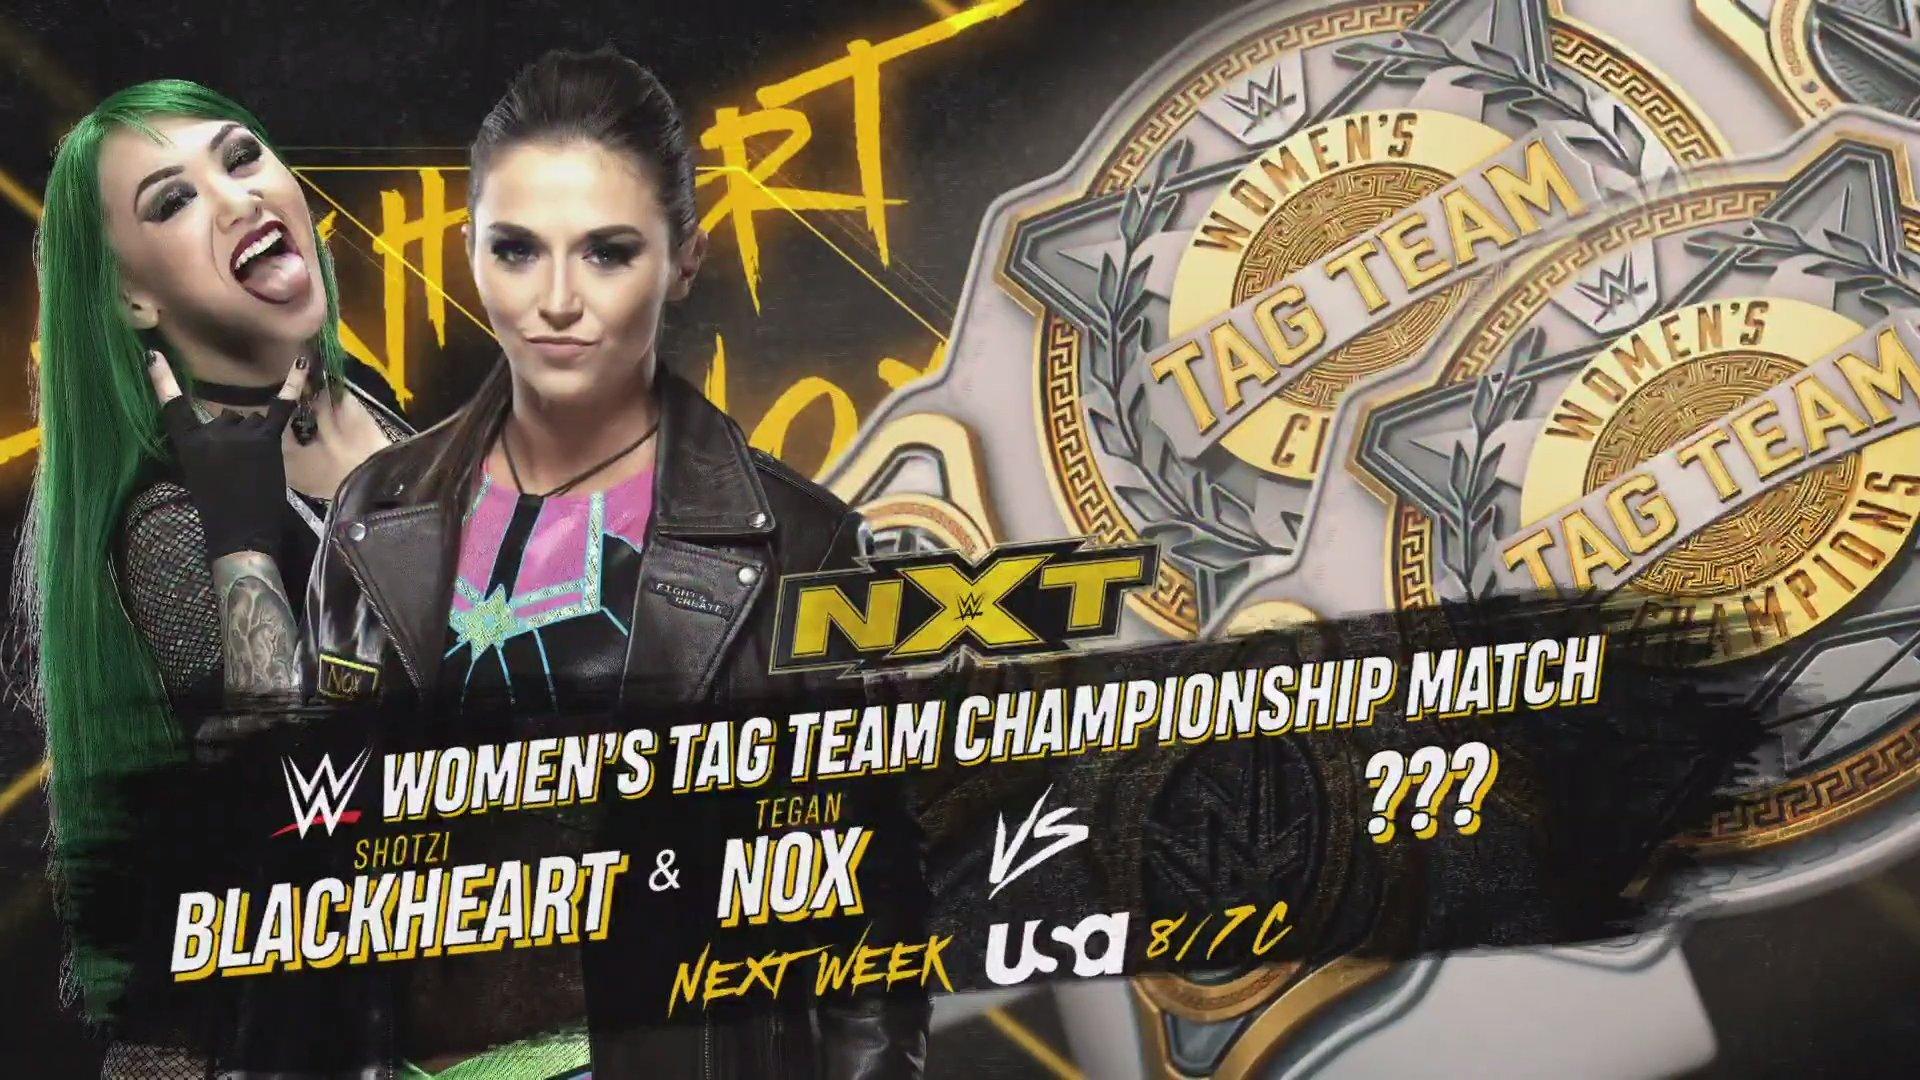 Shotzi Blackheart y Tegan Nox vs las Campeonas de Parejas WWE en WWE NXT 2 luchas titulares en NXT